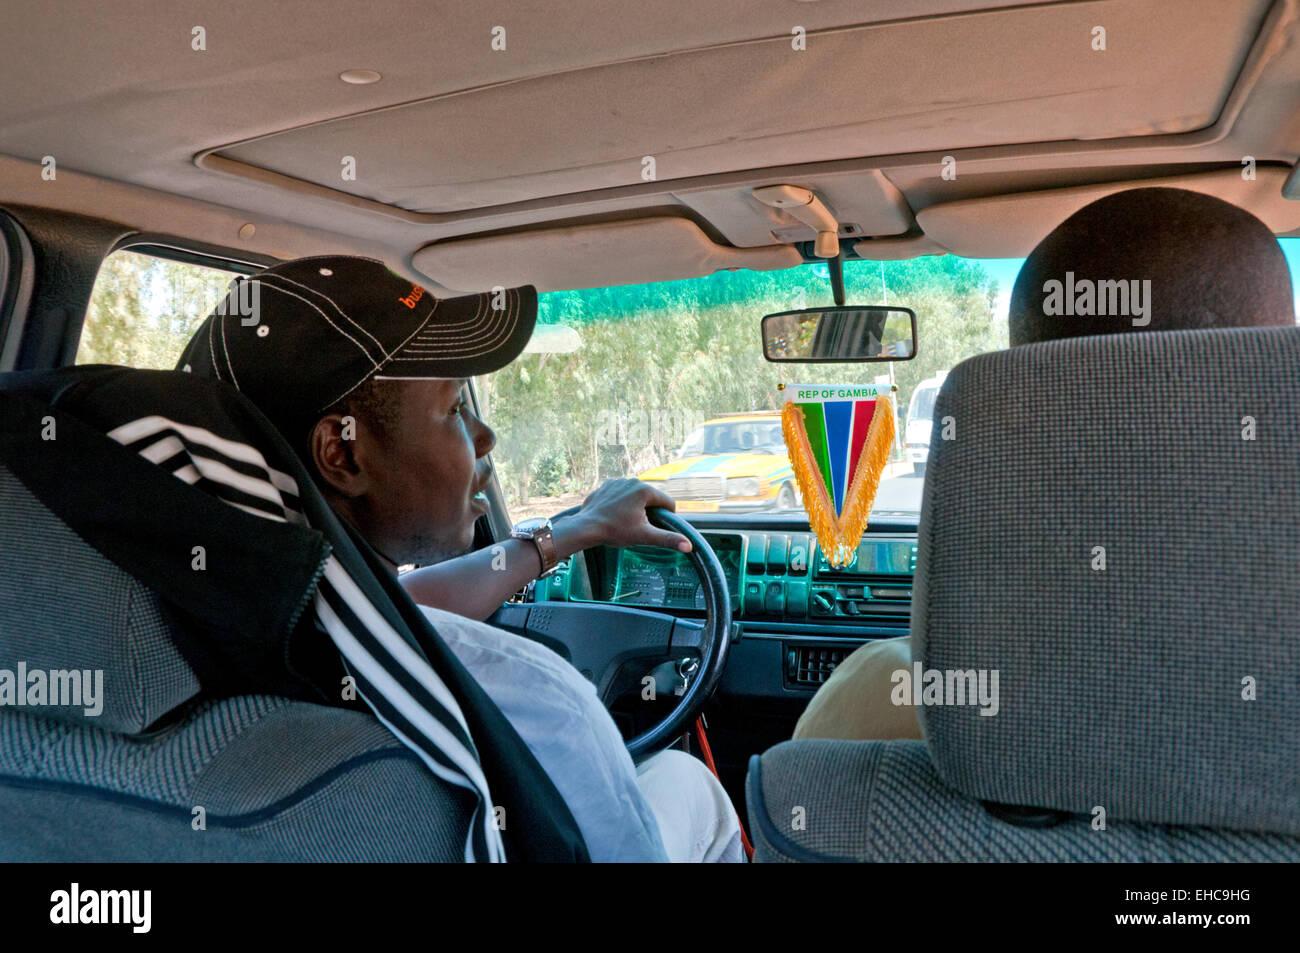 Taxi en Banjul, Gambia, al oeste de África. Imagen De Stock